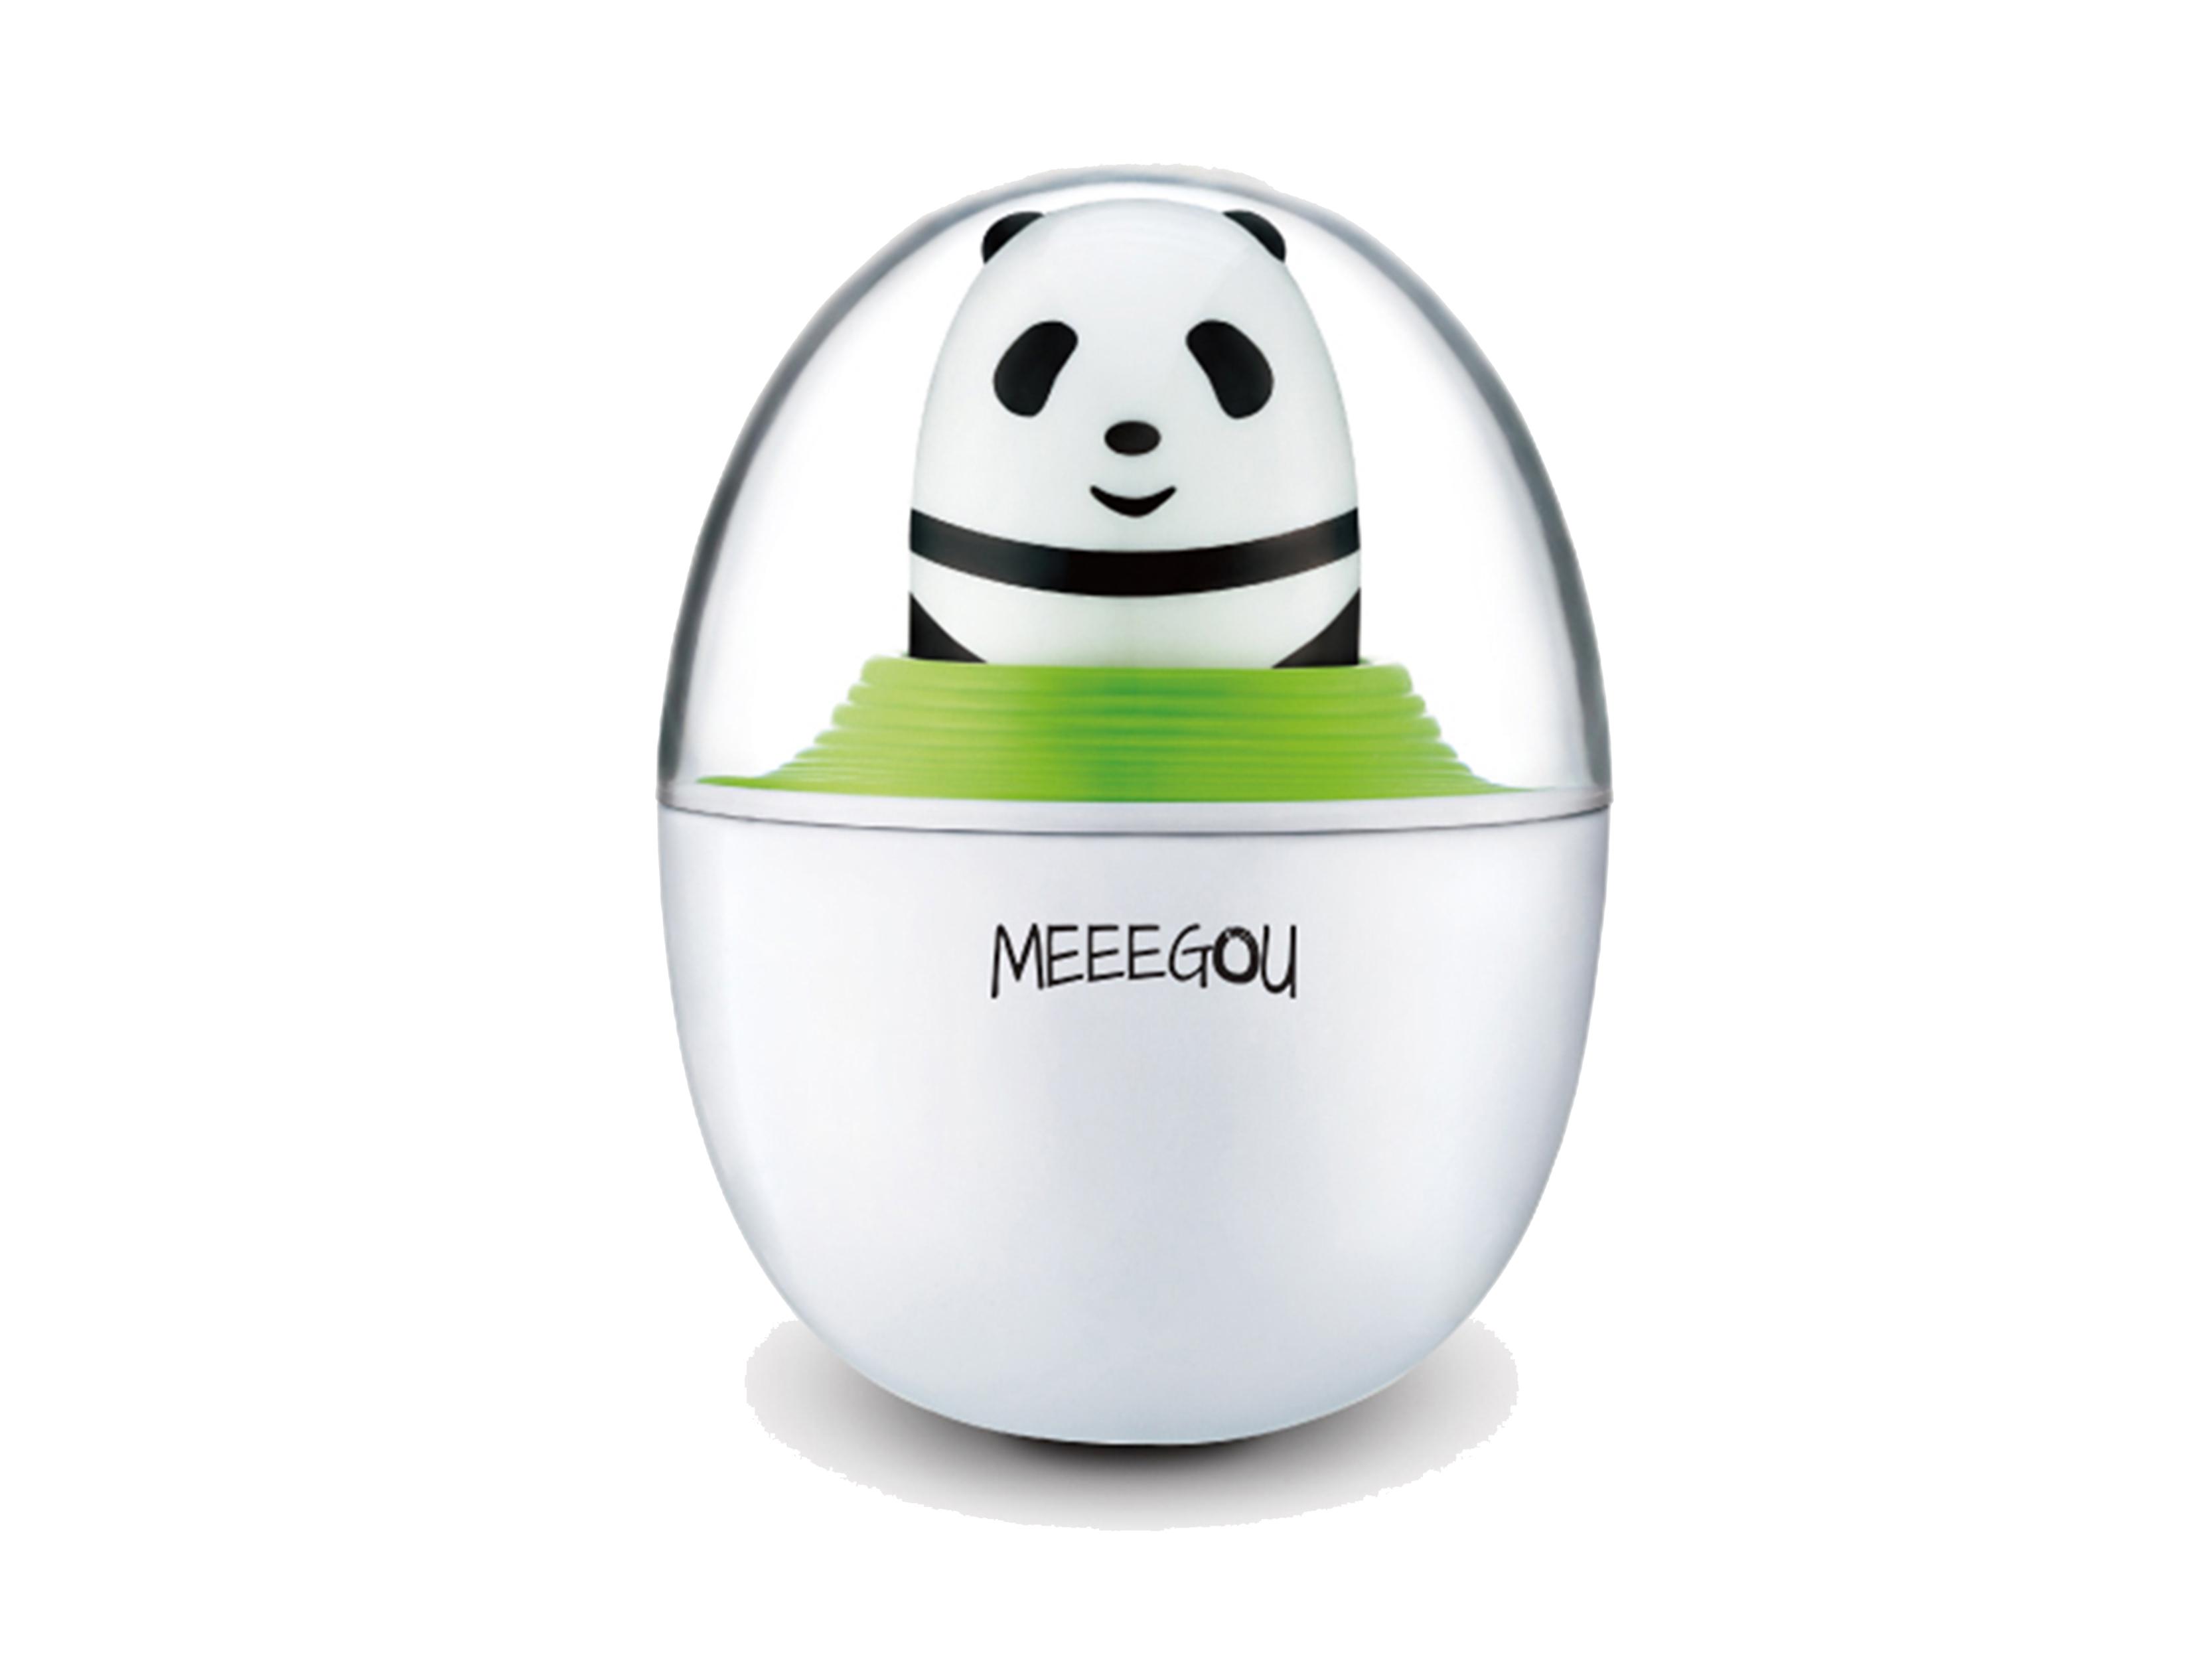 熊猫不倒翁螺丝工具刀套装 桌面创意装饰摆件